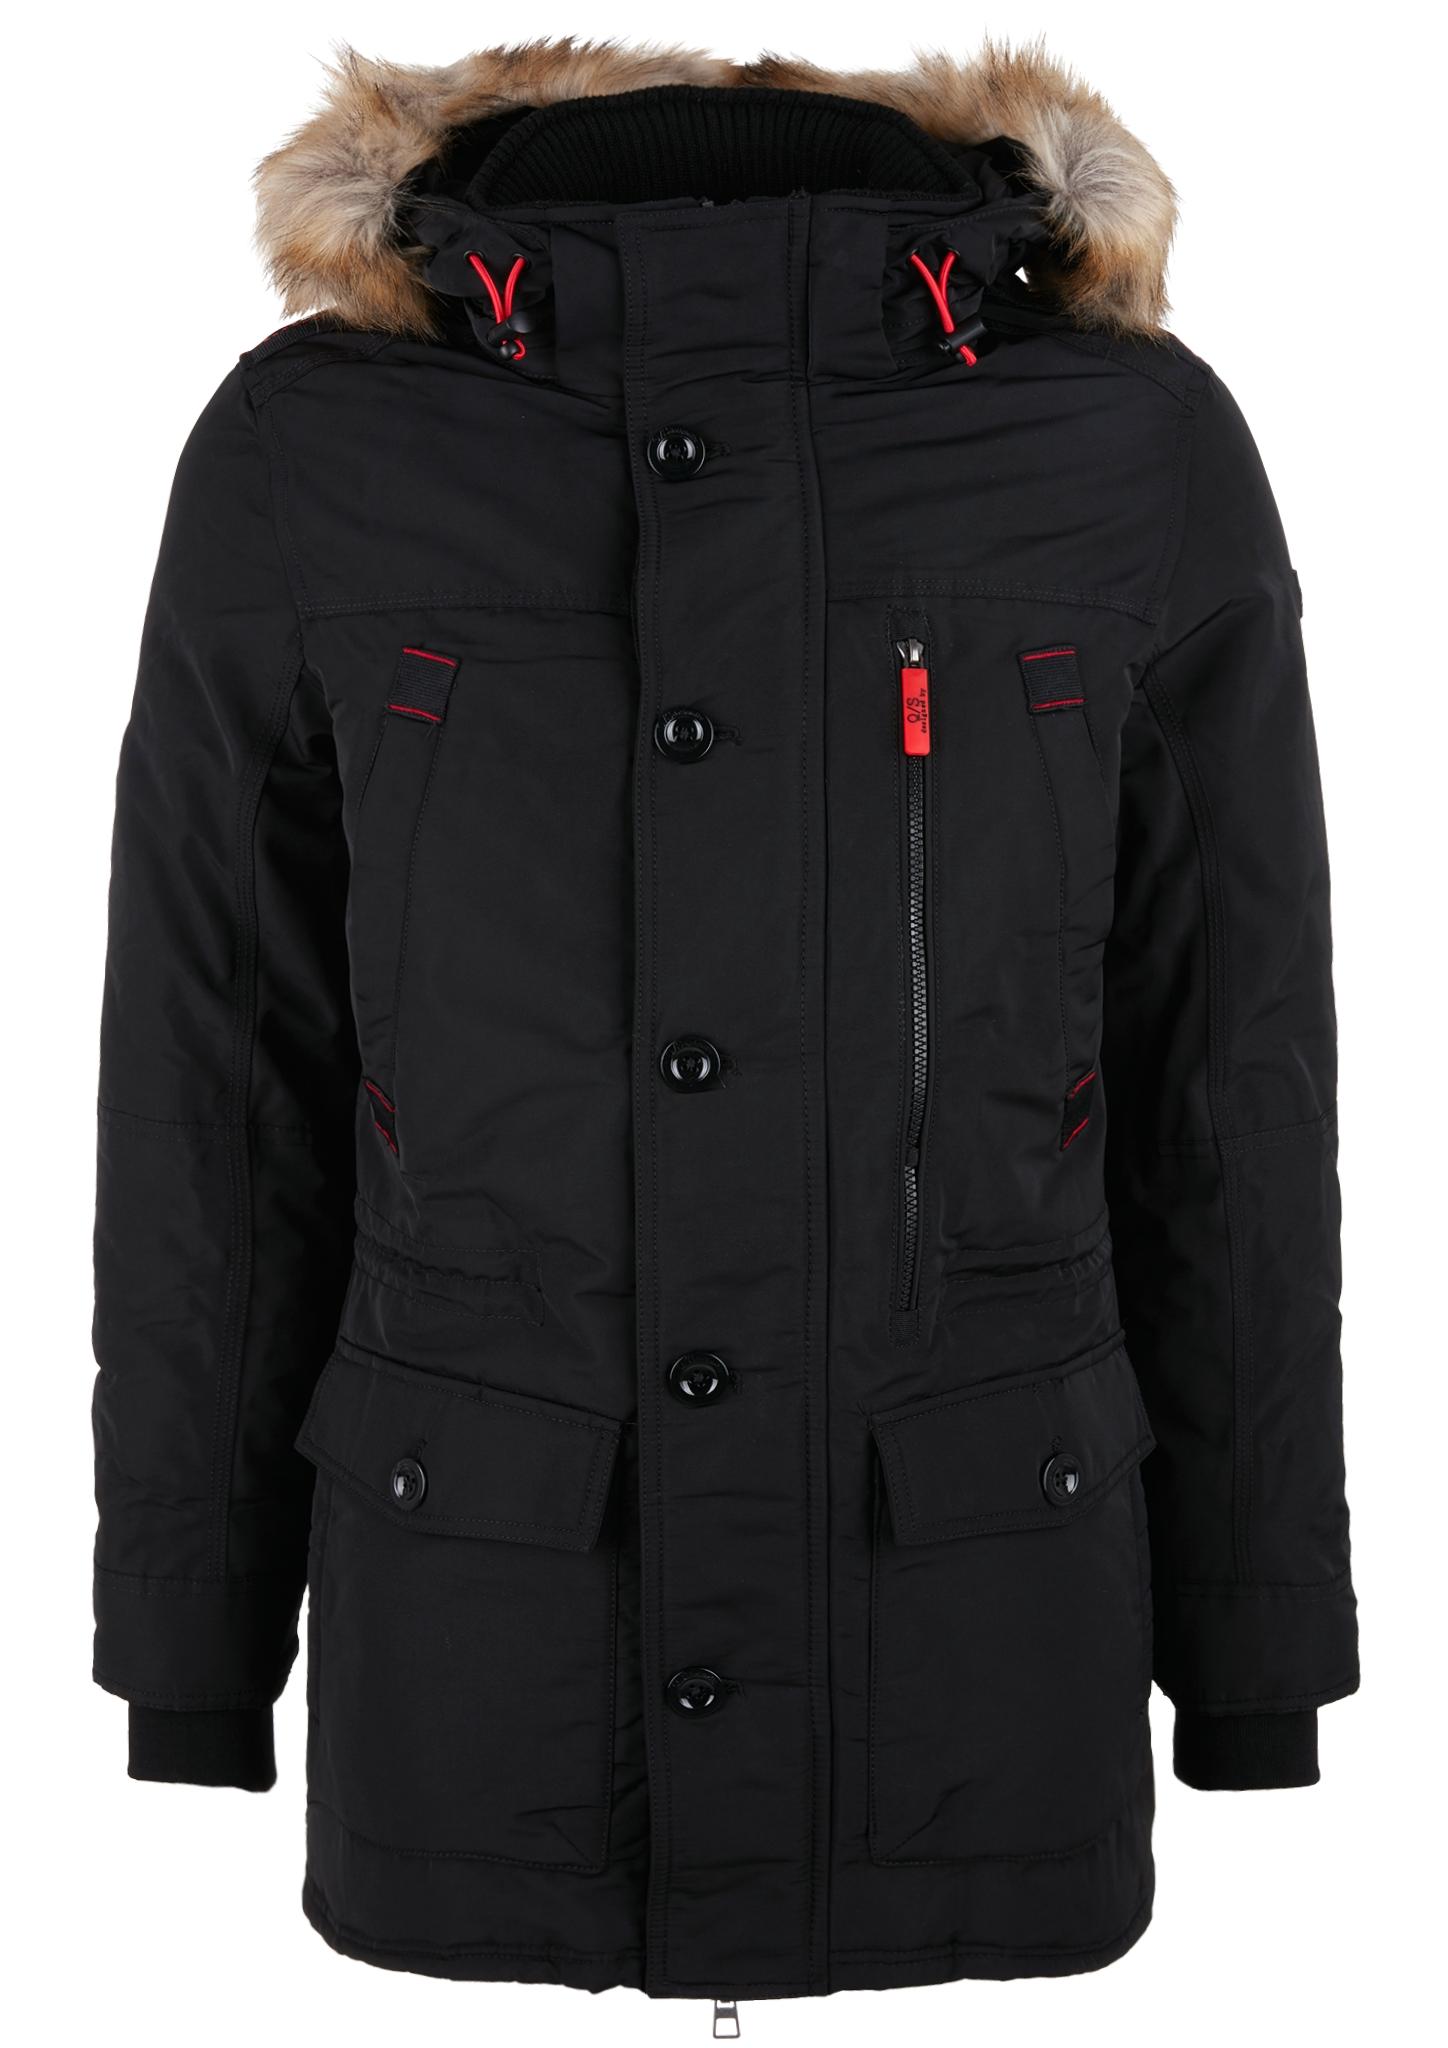 Winterjacke   Bekleidung > Jacken > Winterjacken   Schwarz   Obermaterial 100% polyester  futter 100% polyester   Q/S designed by